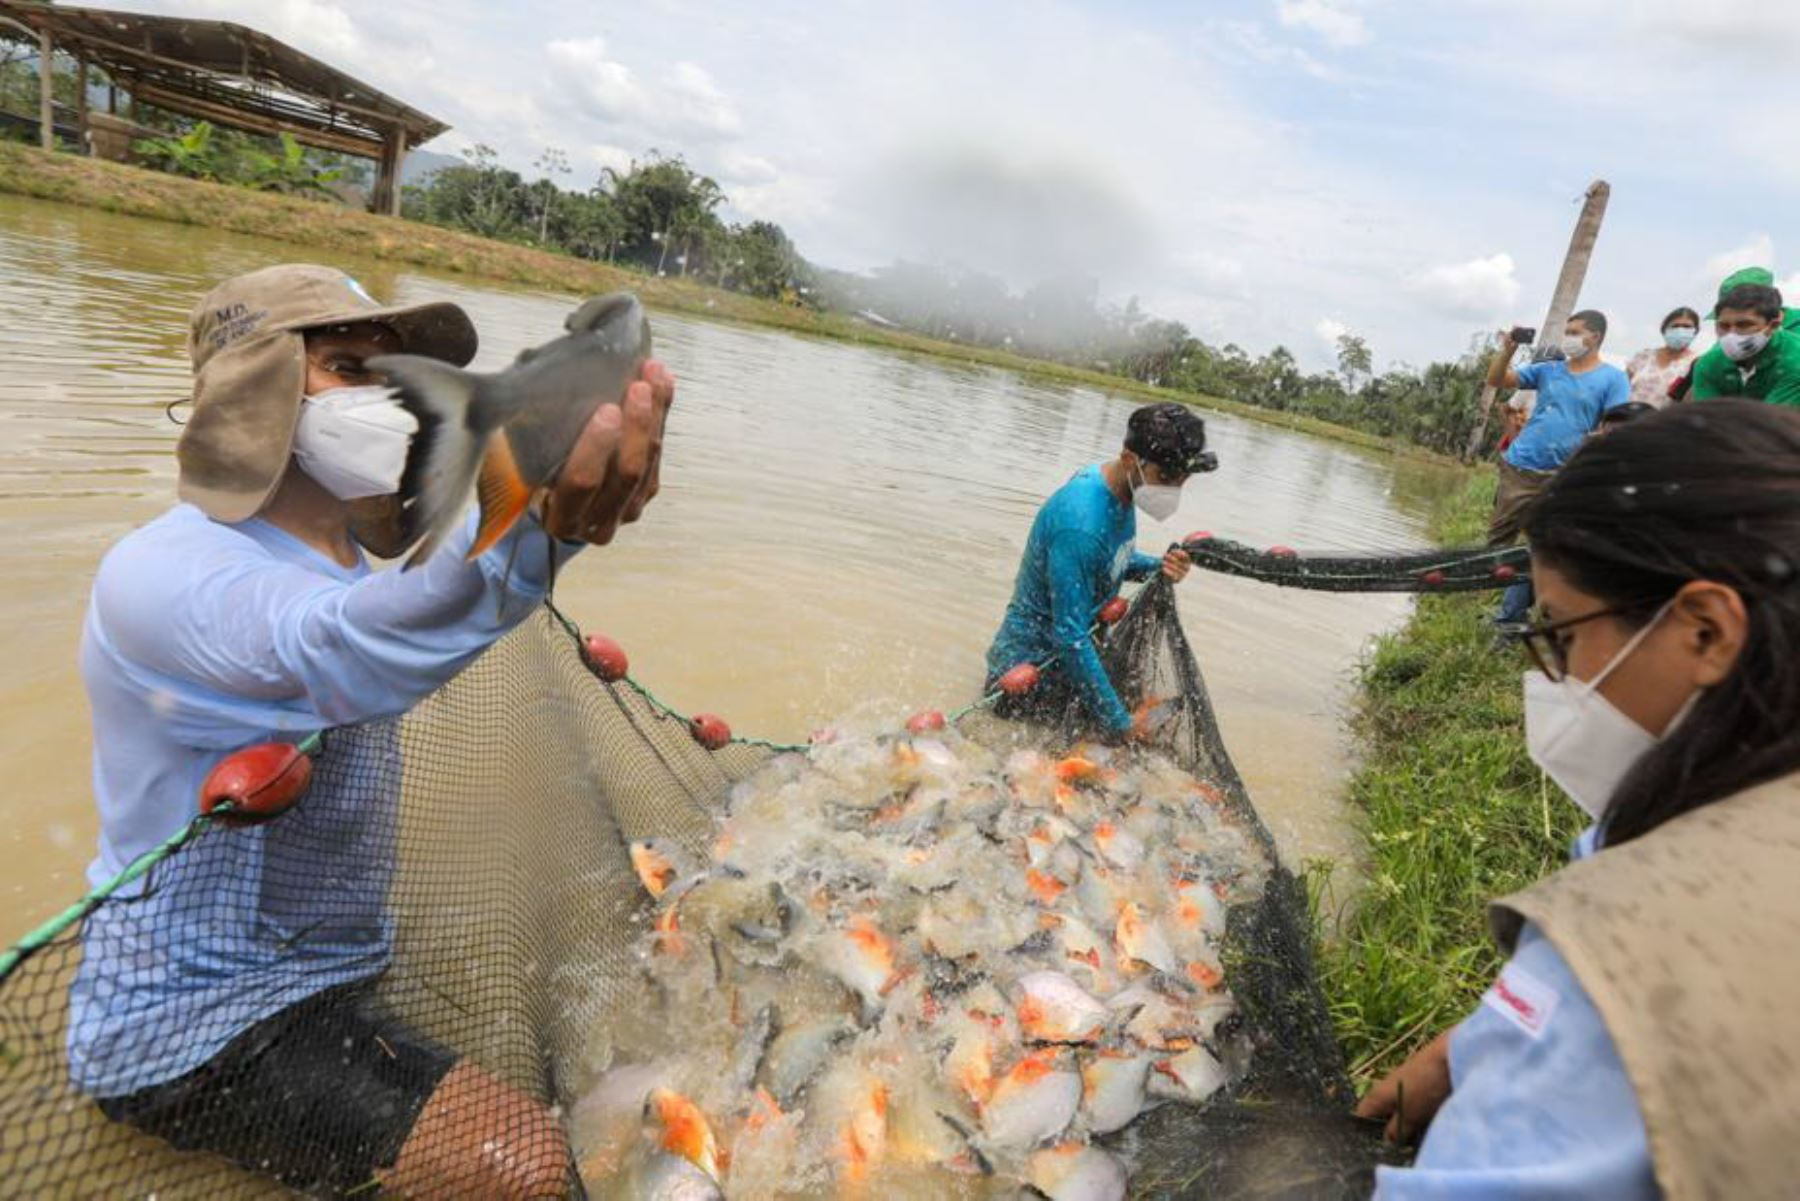 Las actividades acuícolas son financiadas por Devida, a través de los mencionados gobiernos locales, con casi 2 millones de soles. Se han implementado 70 módulos para producir 60 mil kilos de peces amazónicos por campaña. Foto: Devida